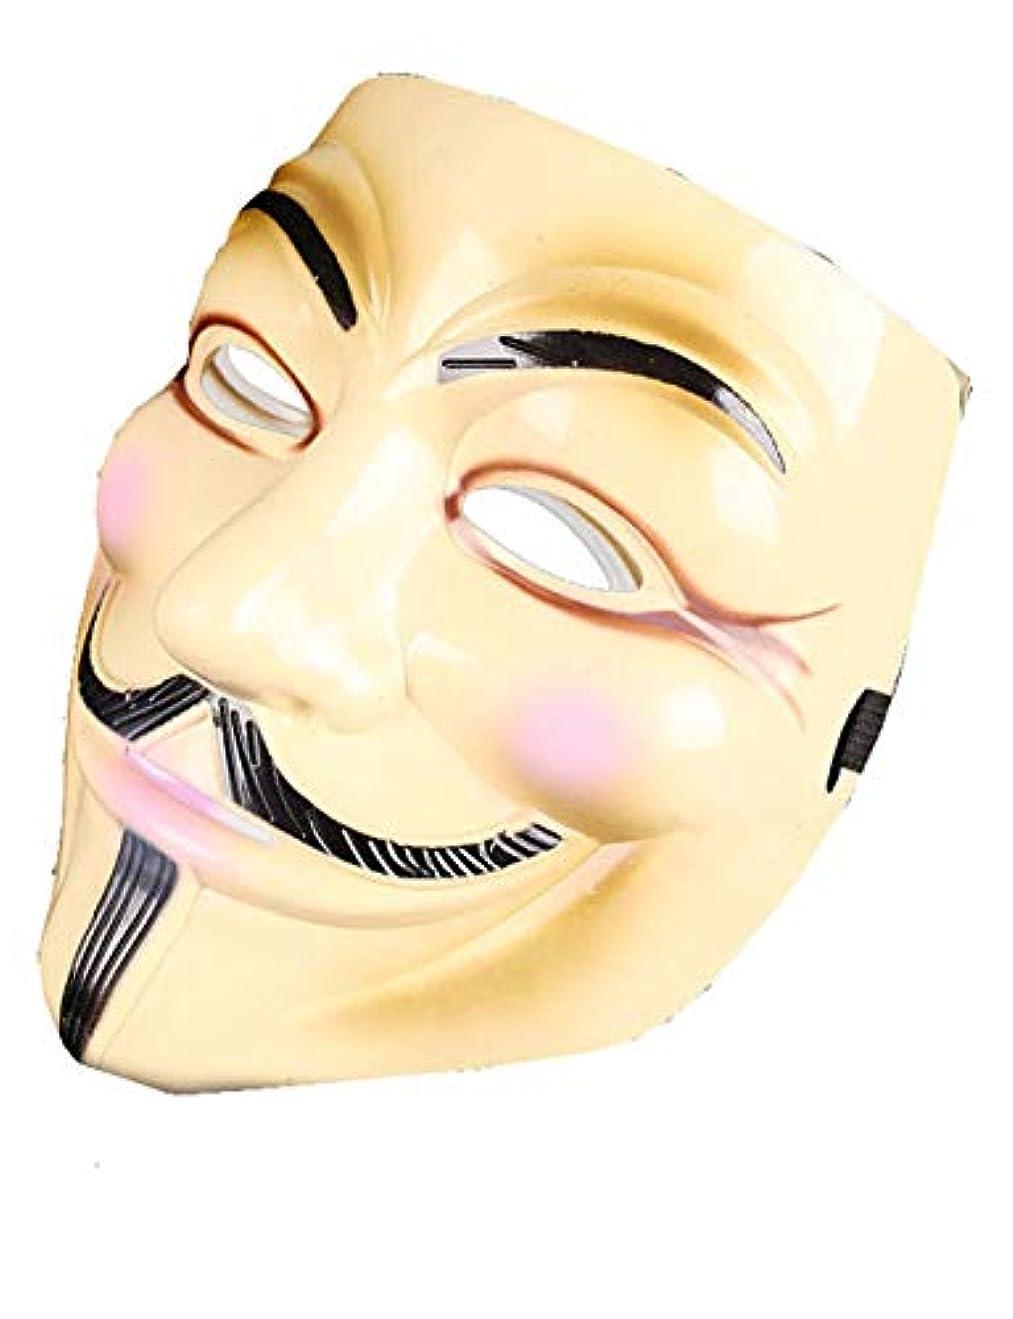 トリムボーナスホバーハロウィーンマスクホラーコスチュームパーティーコスプレの小道具、VendettaのV (Color : BRASS)